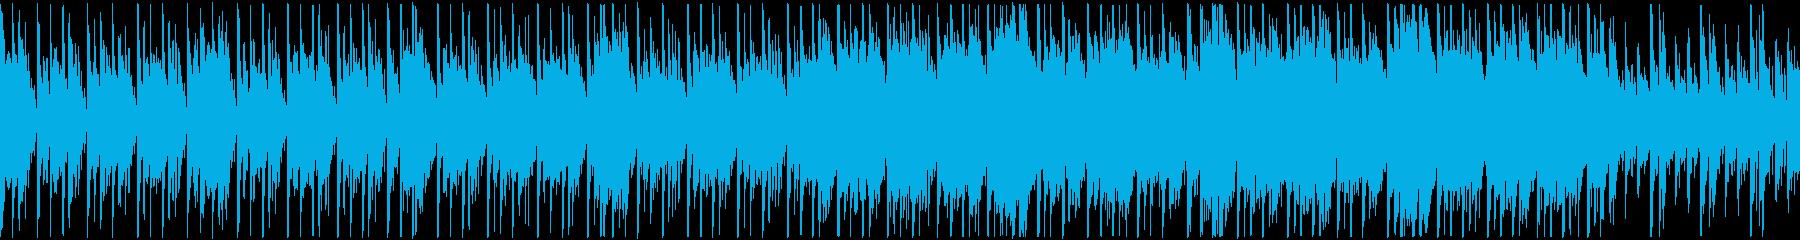 定番曲「スタイリッシュ」B:ループの再生済みの波形